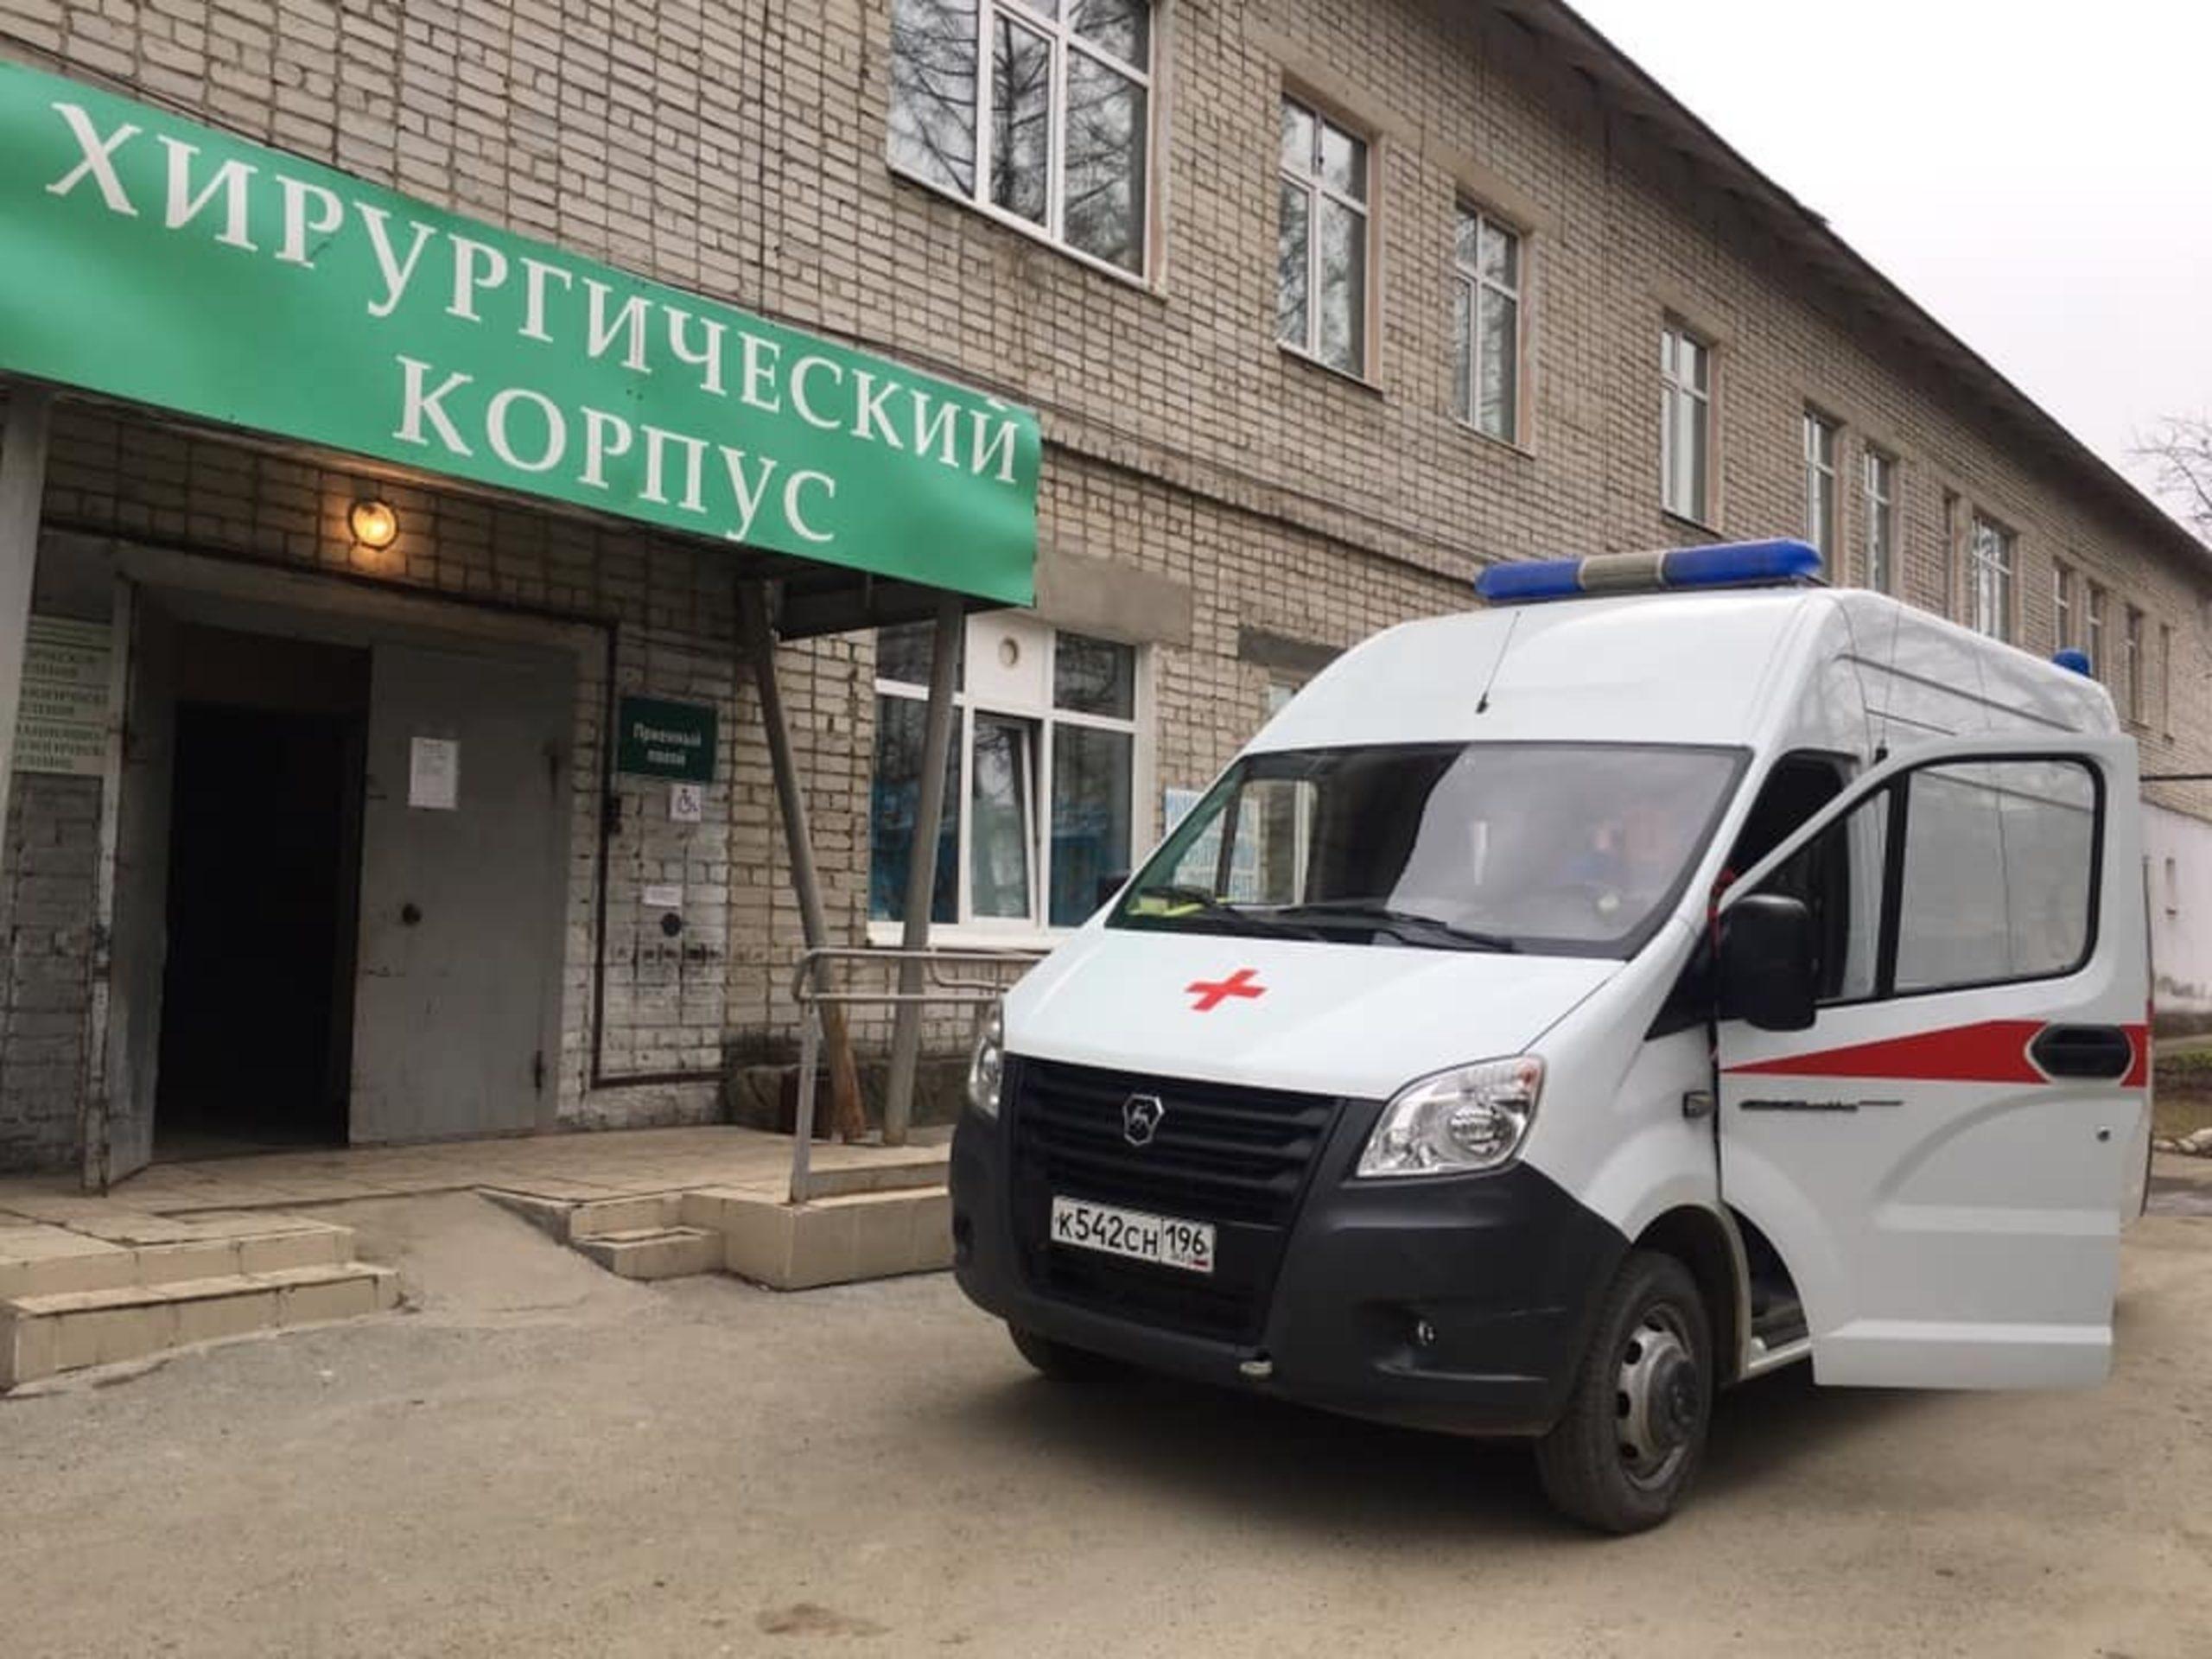 В хирургическое отделение Березовской ЦГБ  будут направляться пациенты из Екатеринбурга